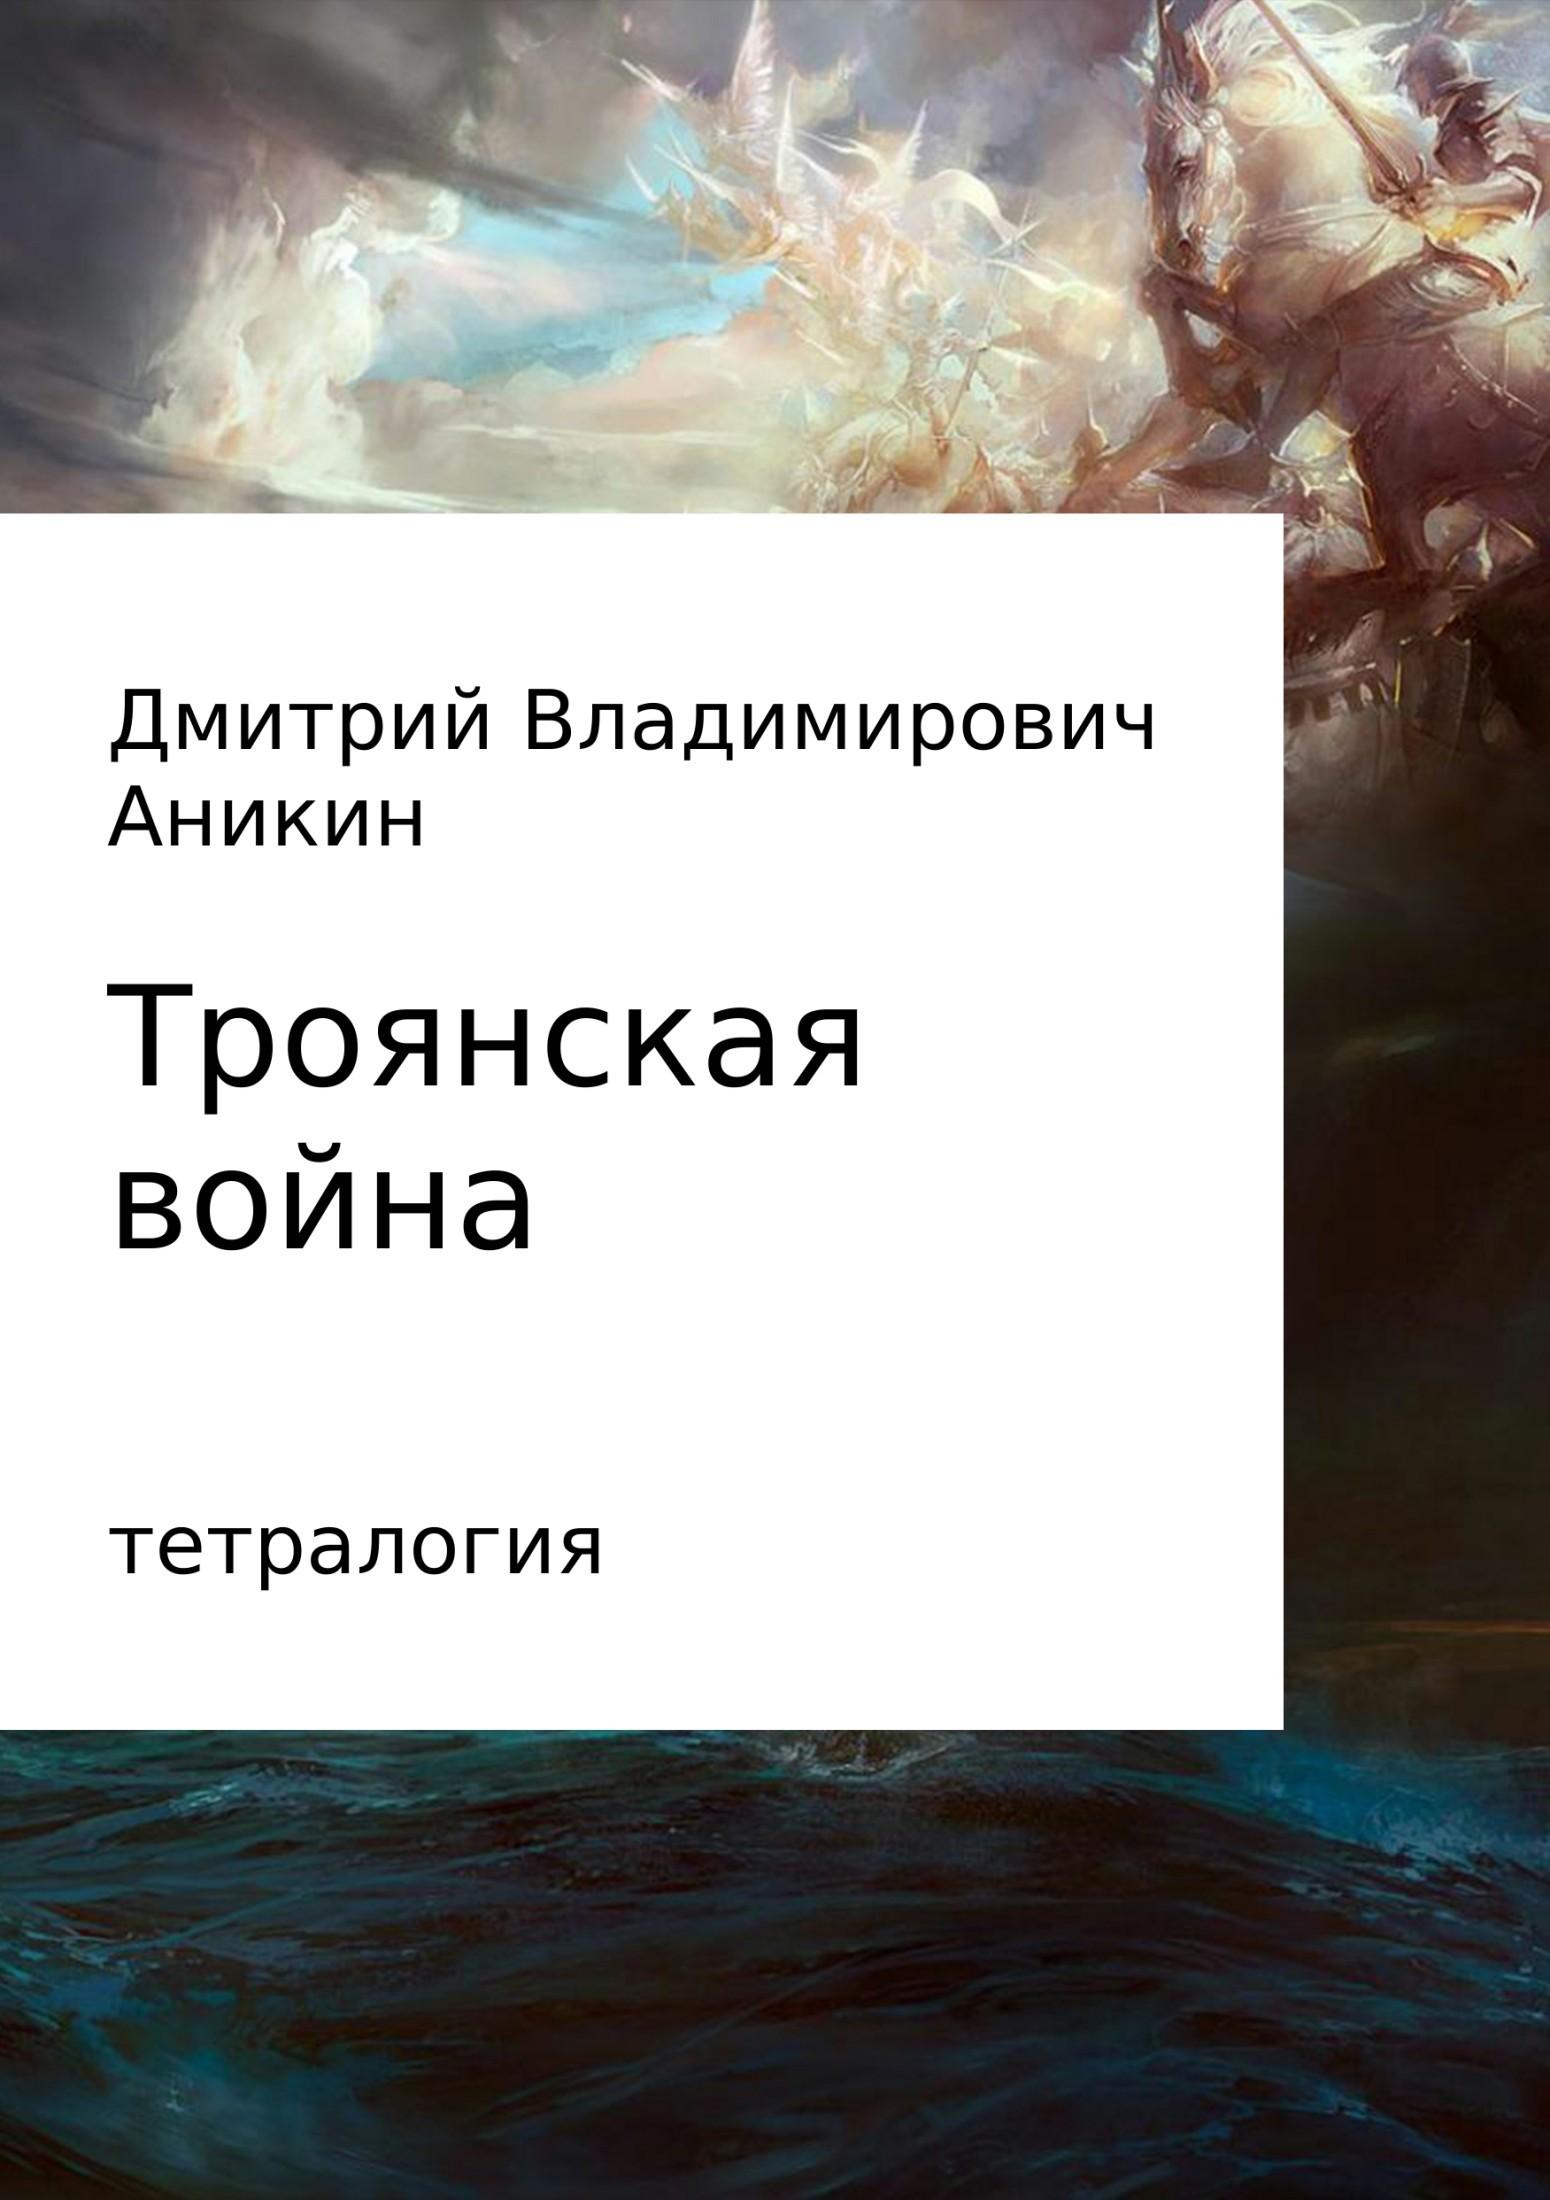 Дмитрий Владимирович Аникин Троянская война троянская война и другие сказания эллинов шелк